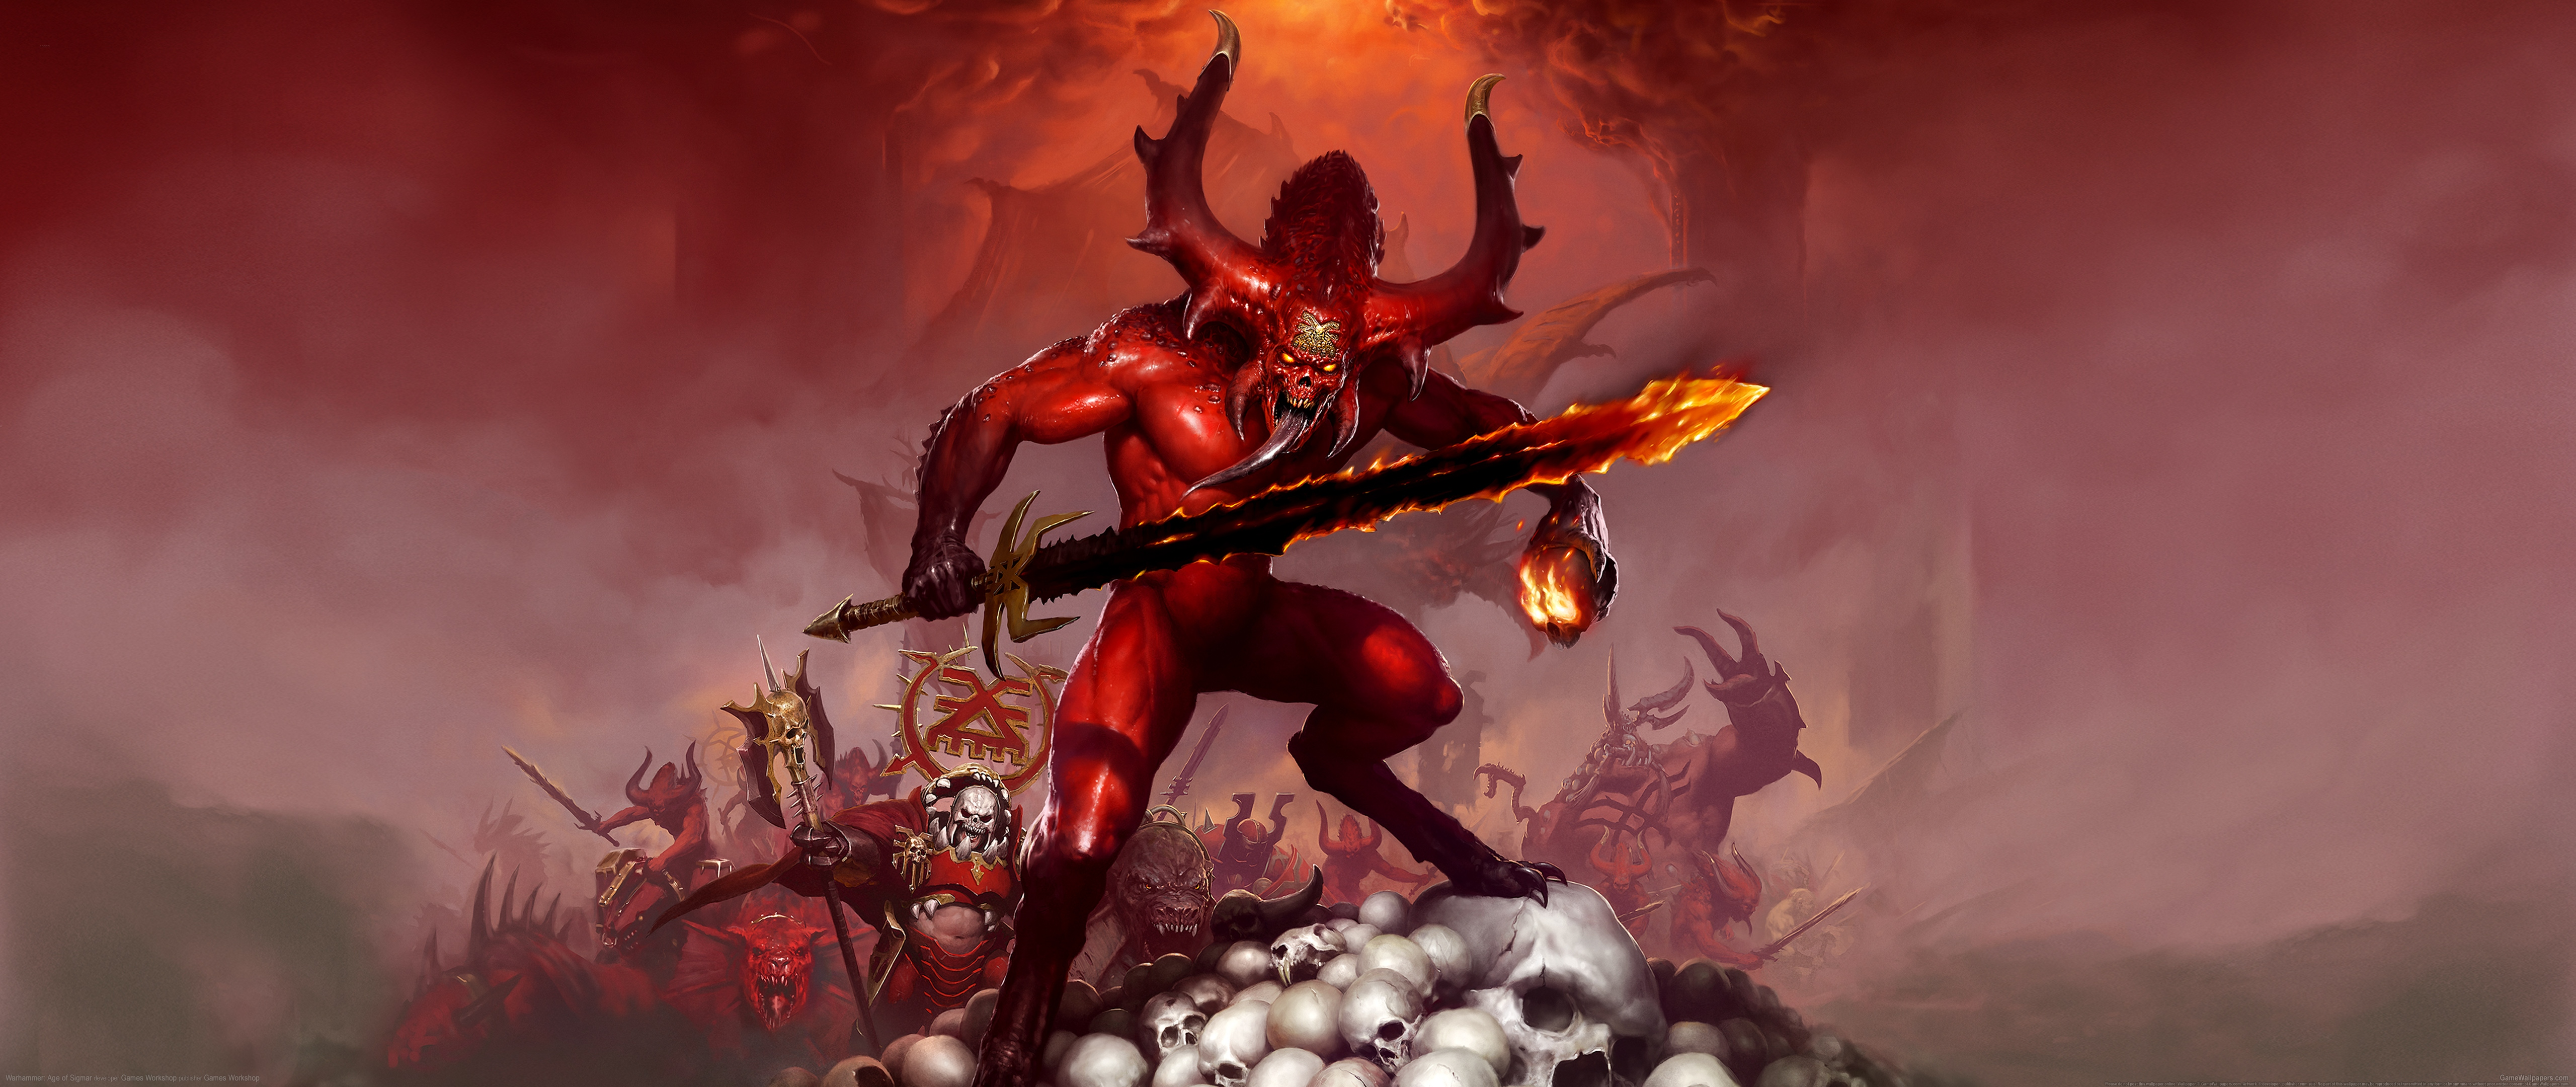 Warhammer: Age of Sigmar 5120x2160 Hintergrundbild 02